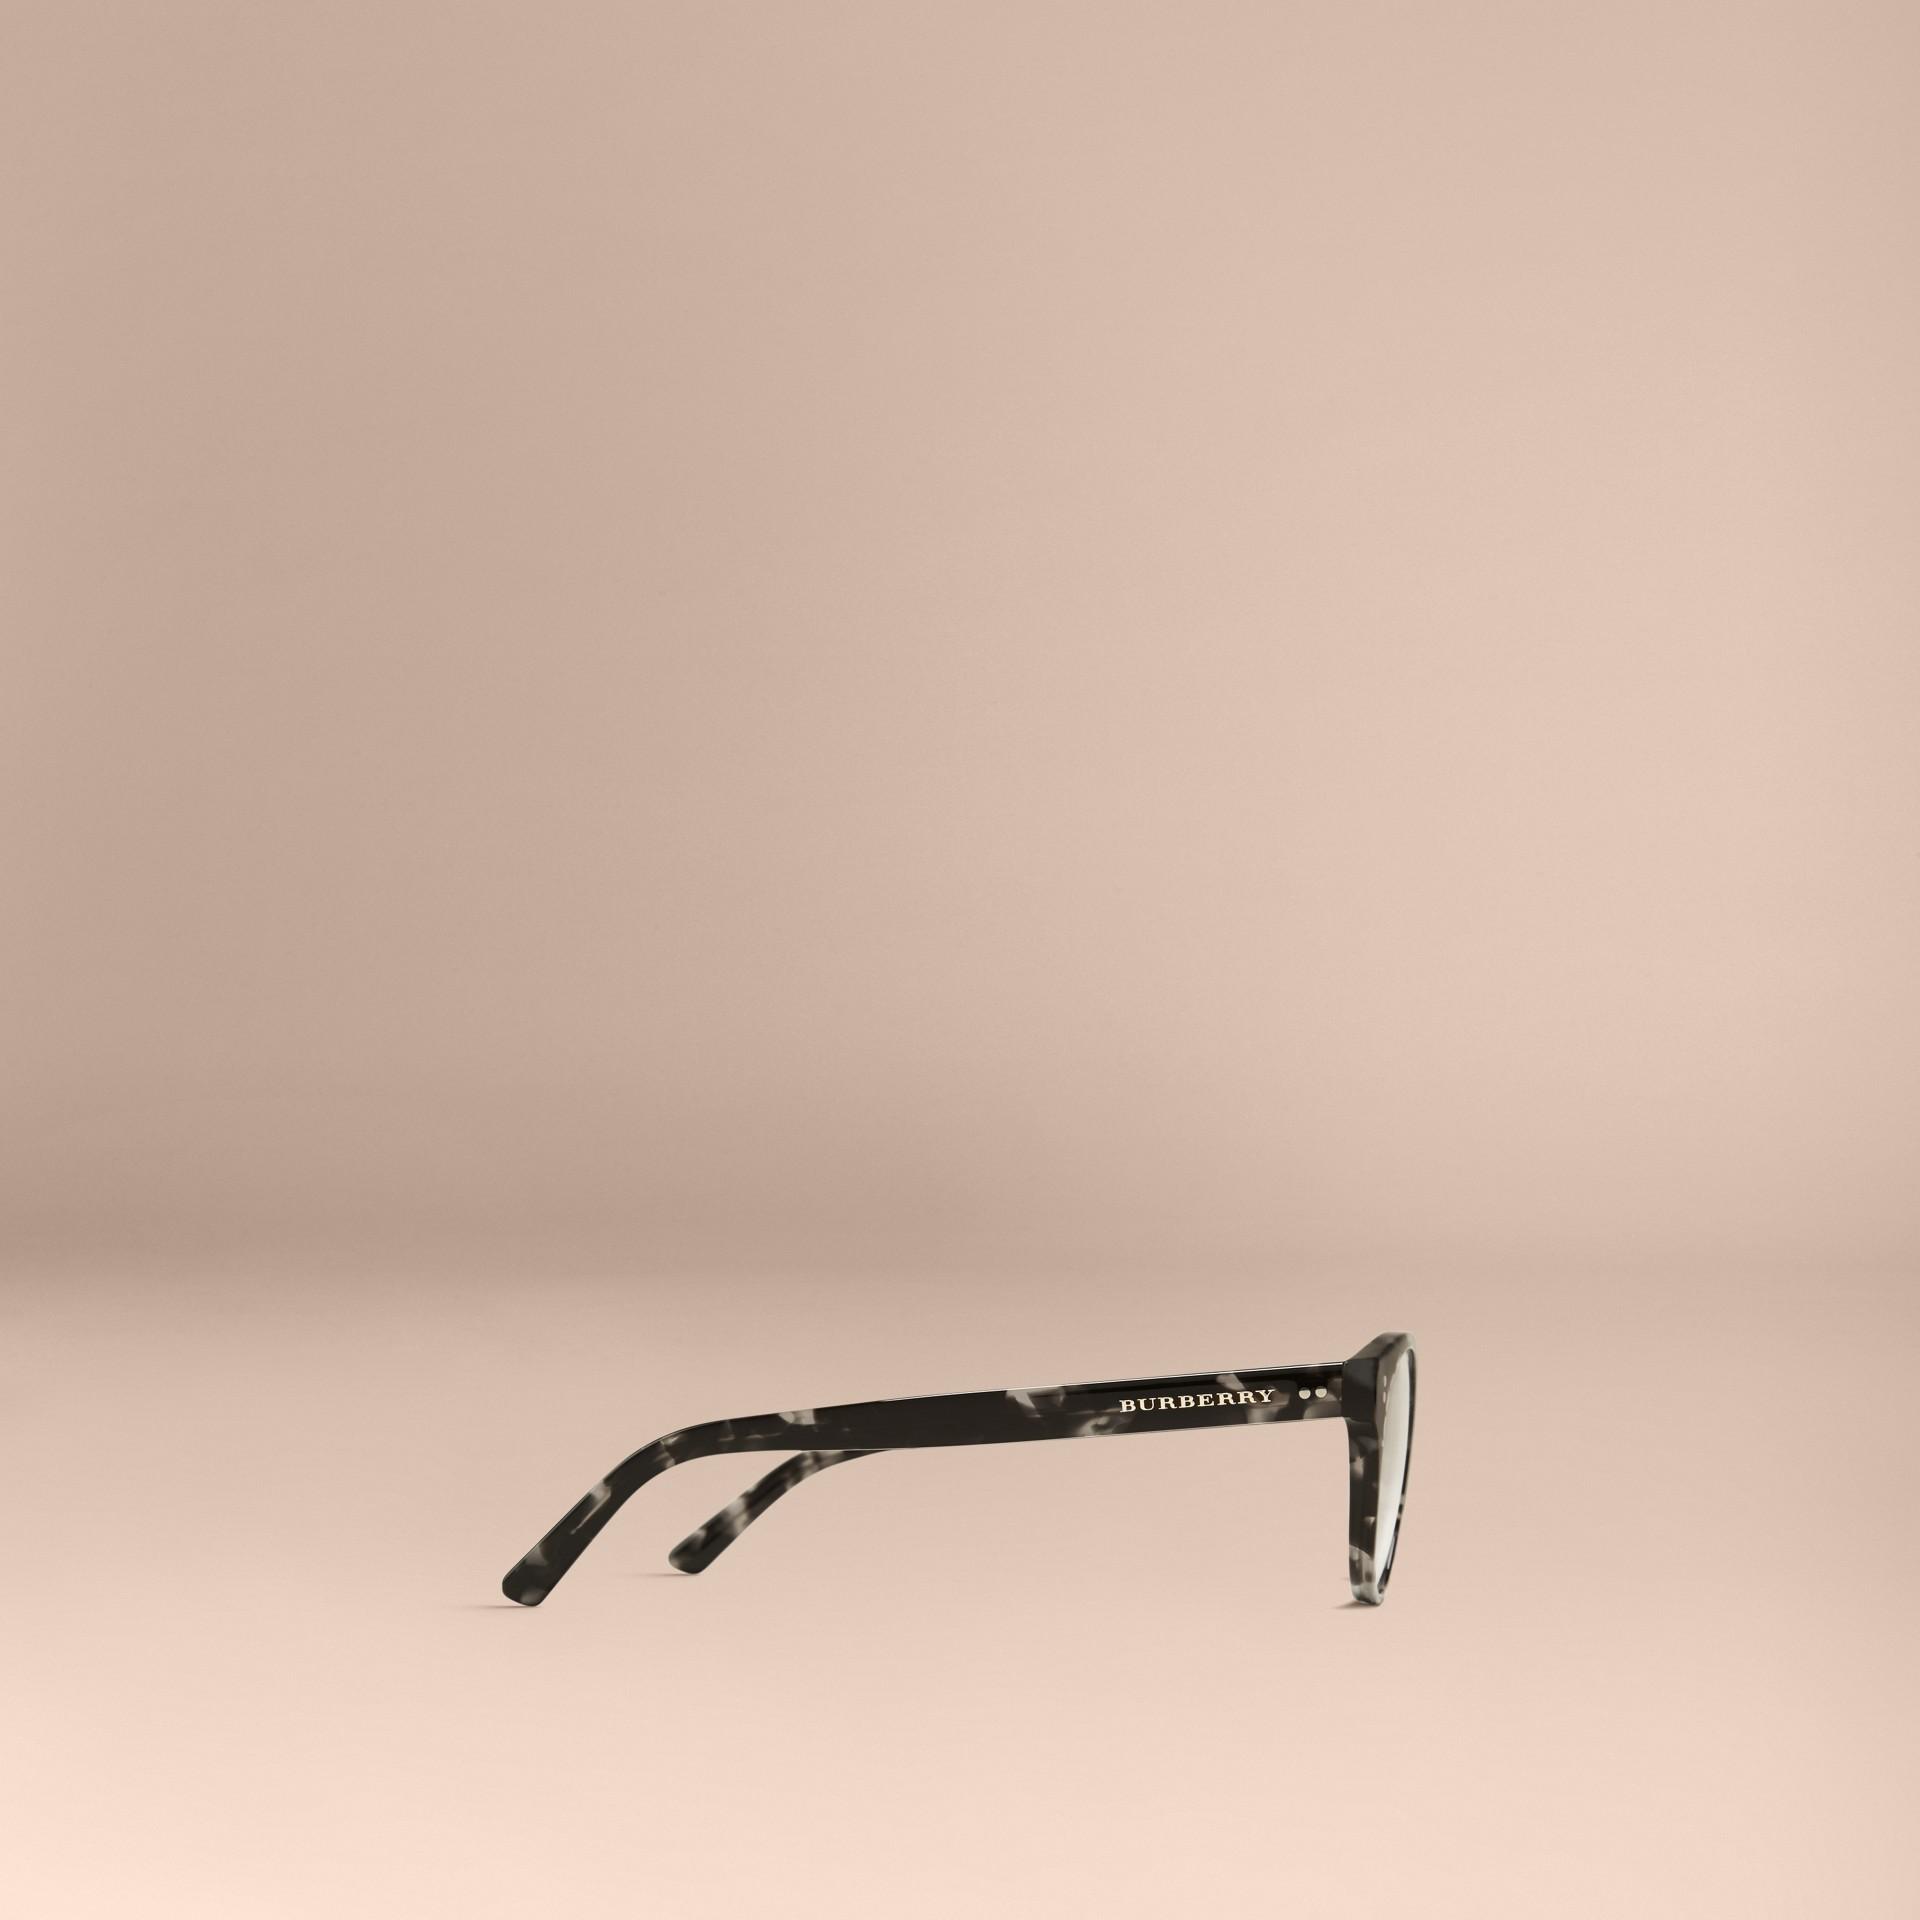 Gris Monture ronde pour lunettes de vue Gris - photo de la galerie 4